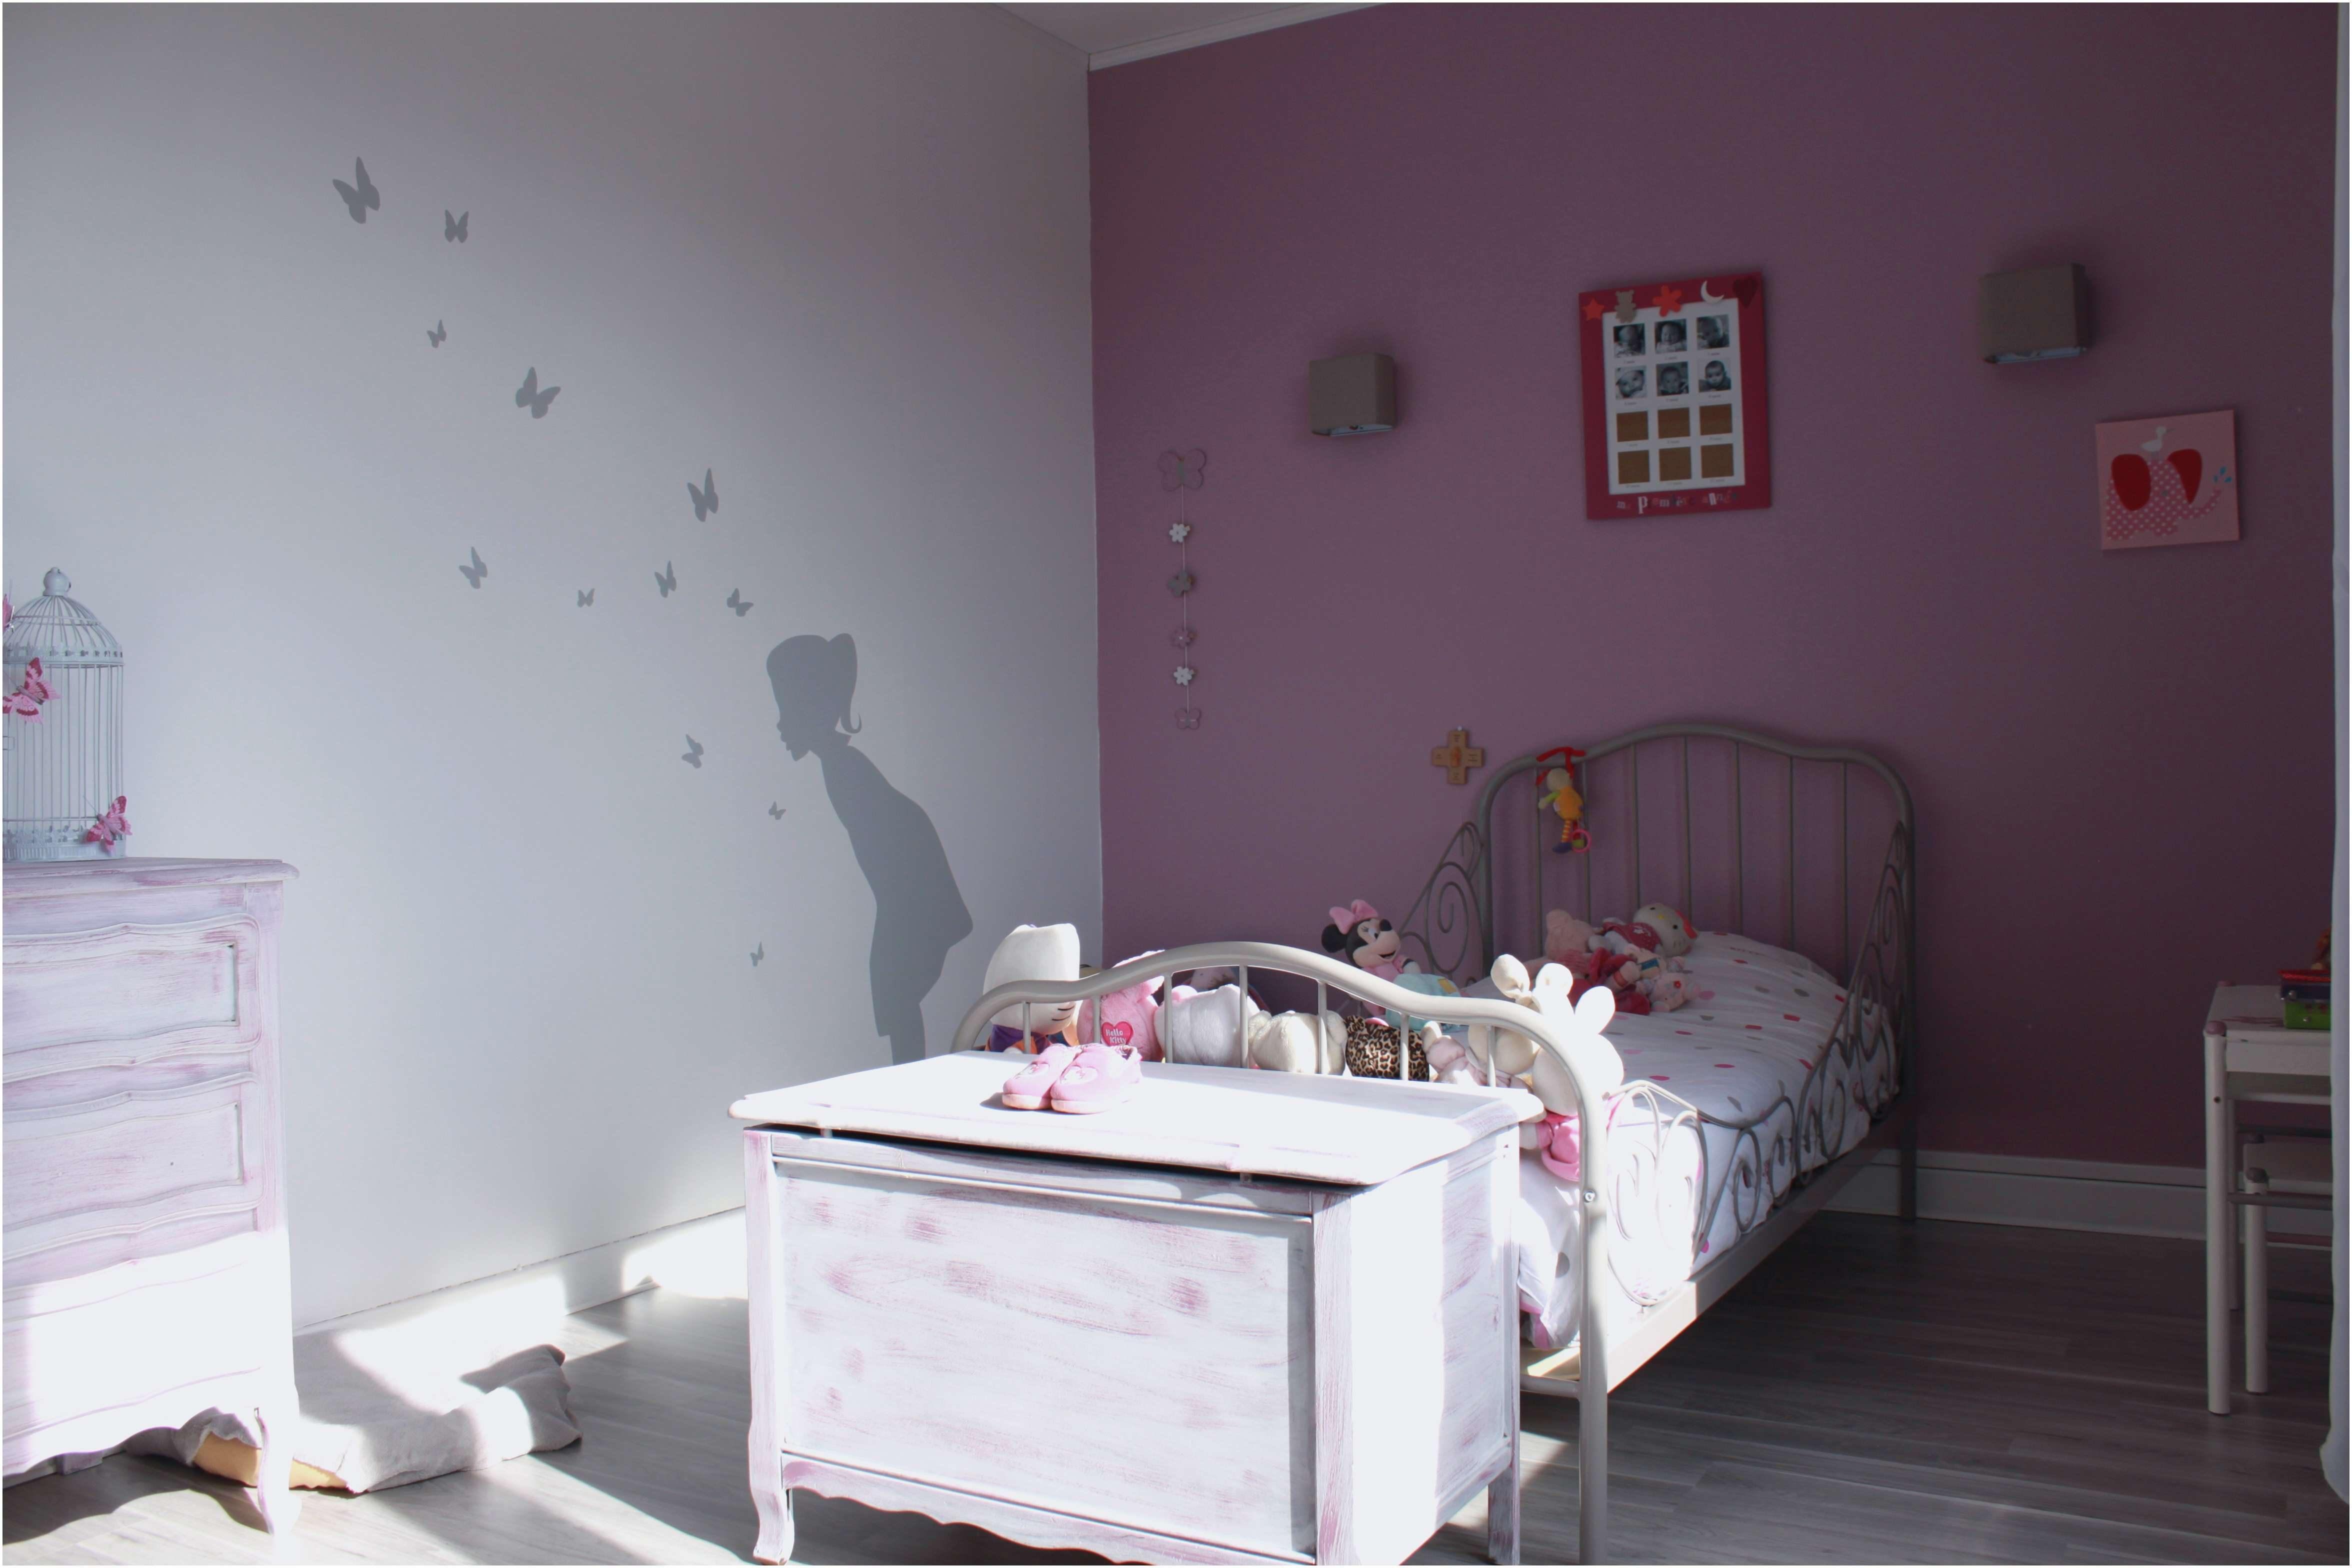 Parure Lit Bébé Impressionnant Elégant Chambre Bébé Fille Gris Et Rose Beau Parc B C3 A9b C3 A9